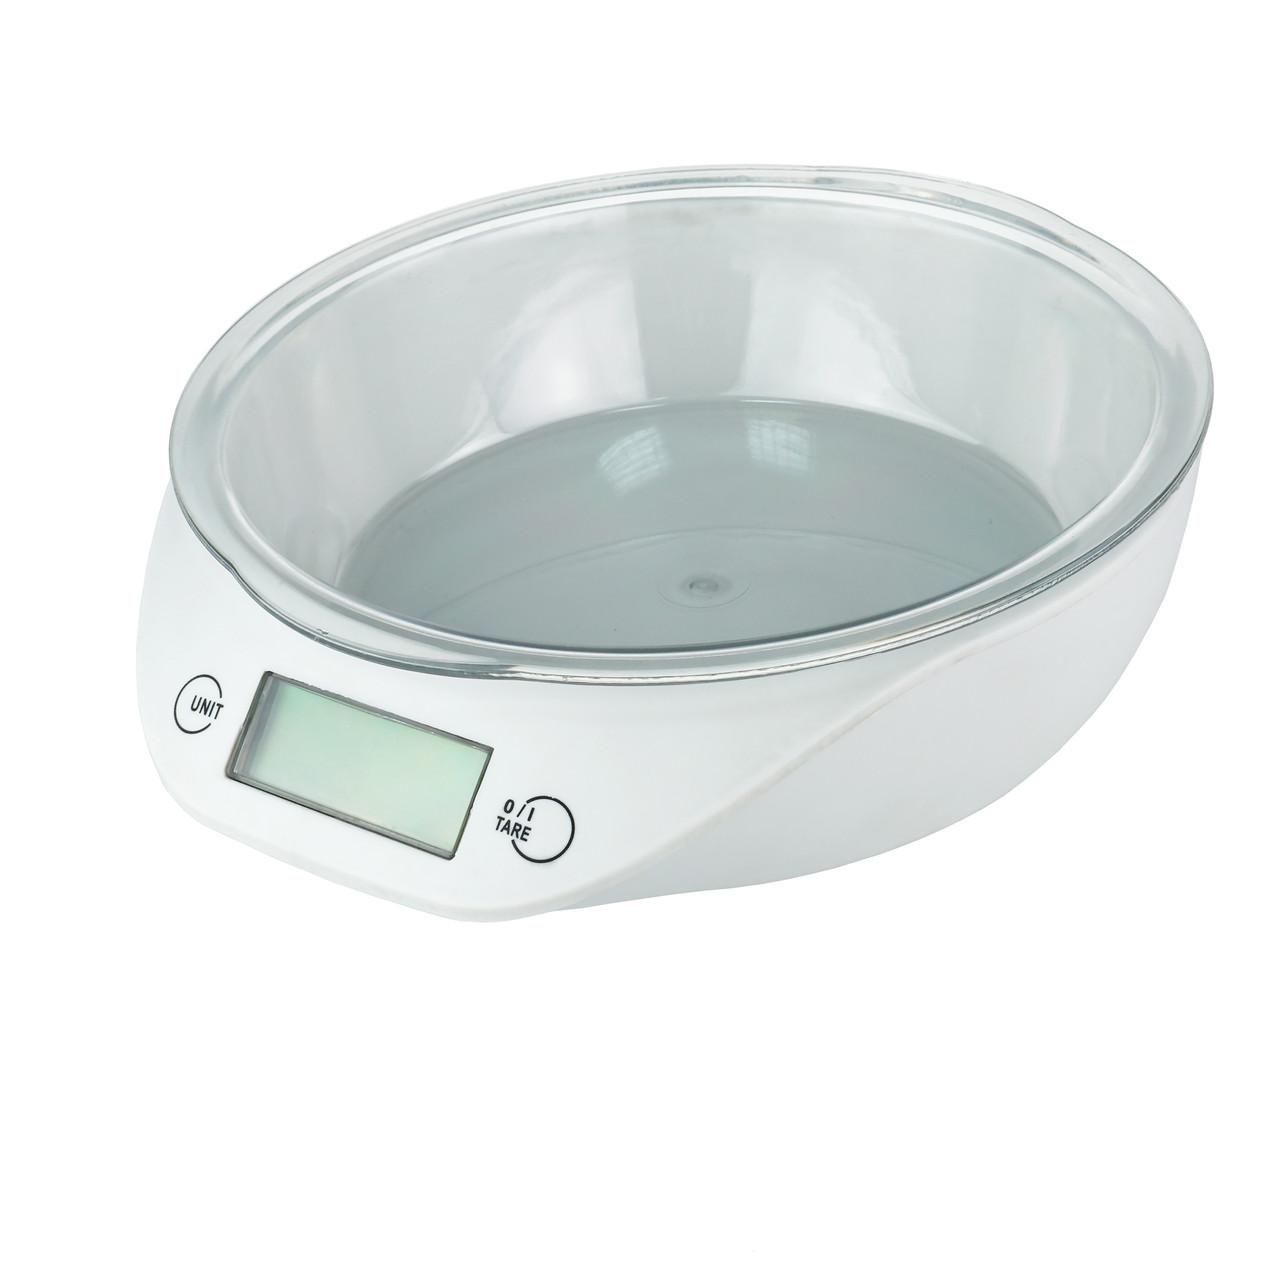 Кухонные электронные весы до 5 кг - Зимняя распродажа